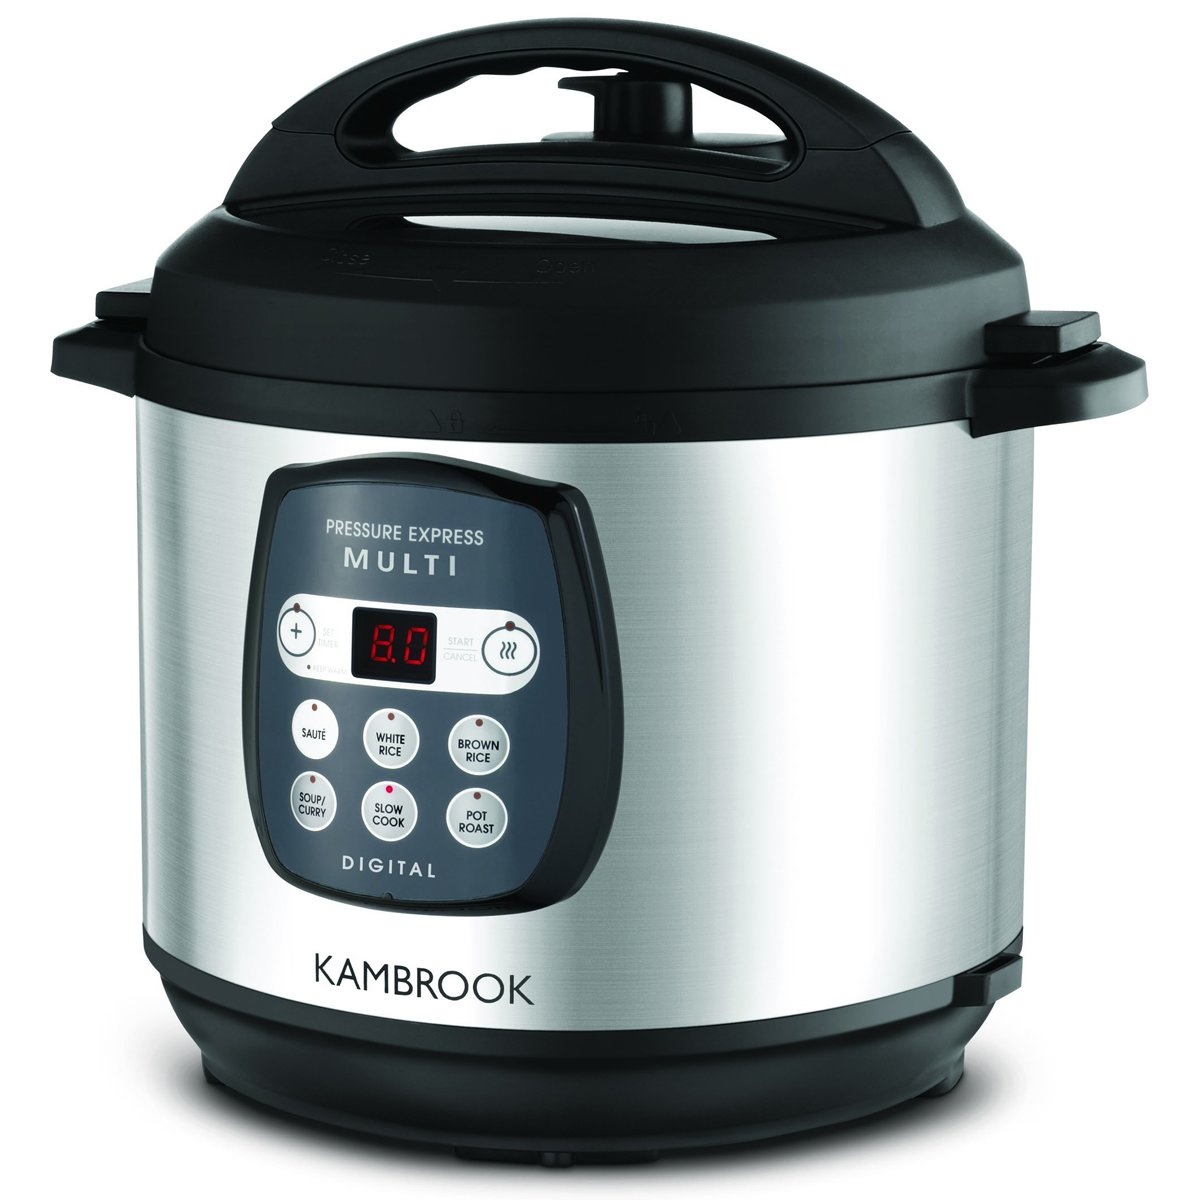 Kambrook KPR820BSS Pressure Express Multi Cooker | Appliances Online